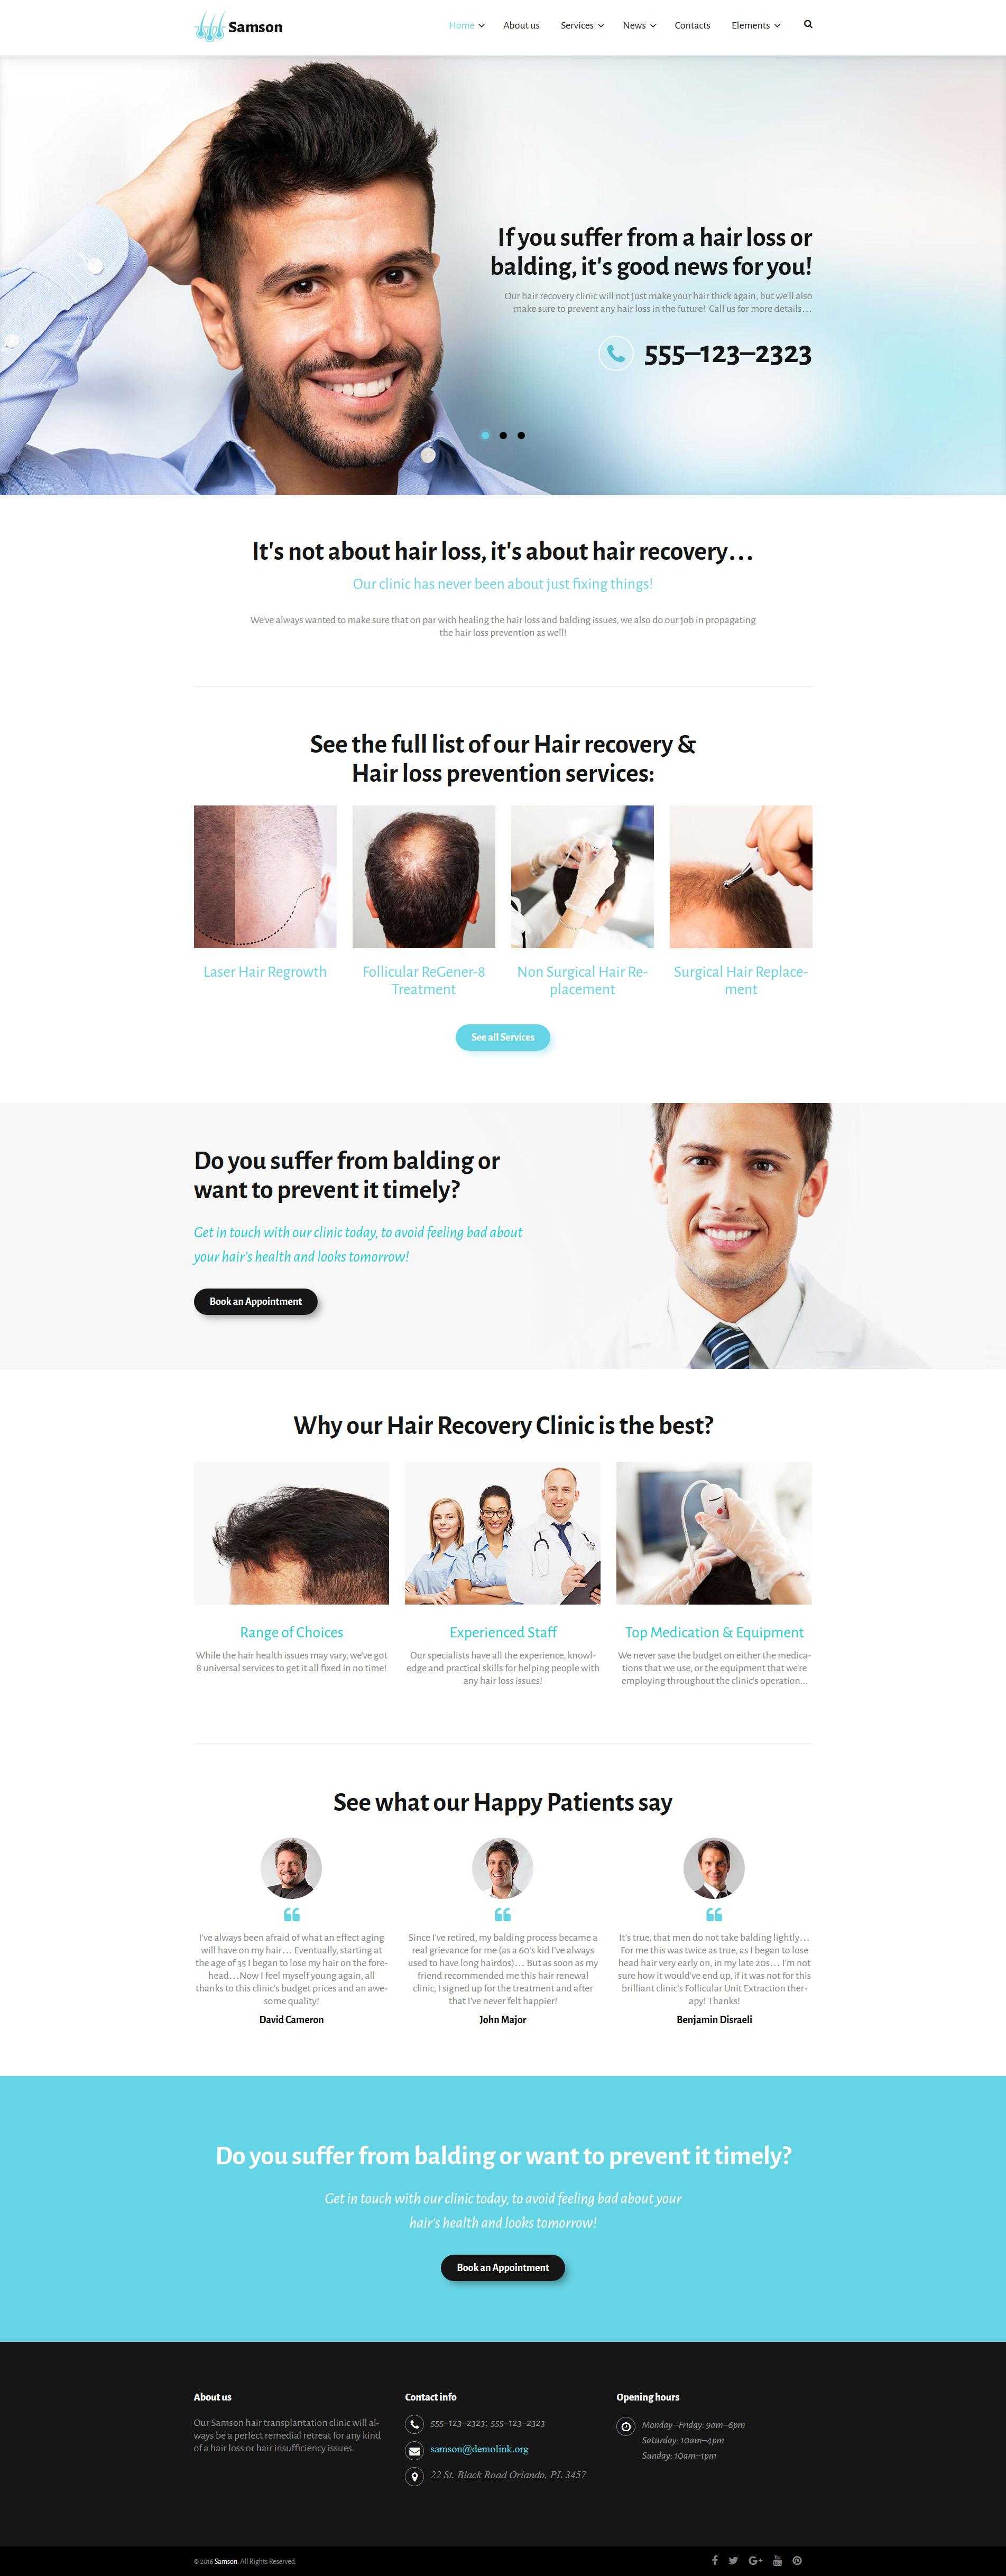 Шаблон Samson сайта на тему уход за волосами #59002